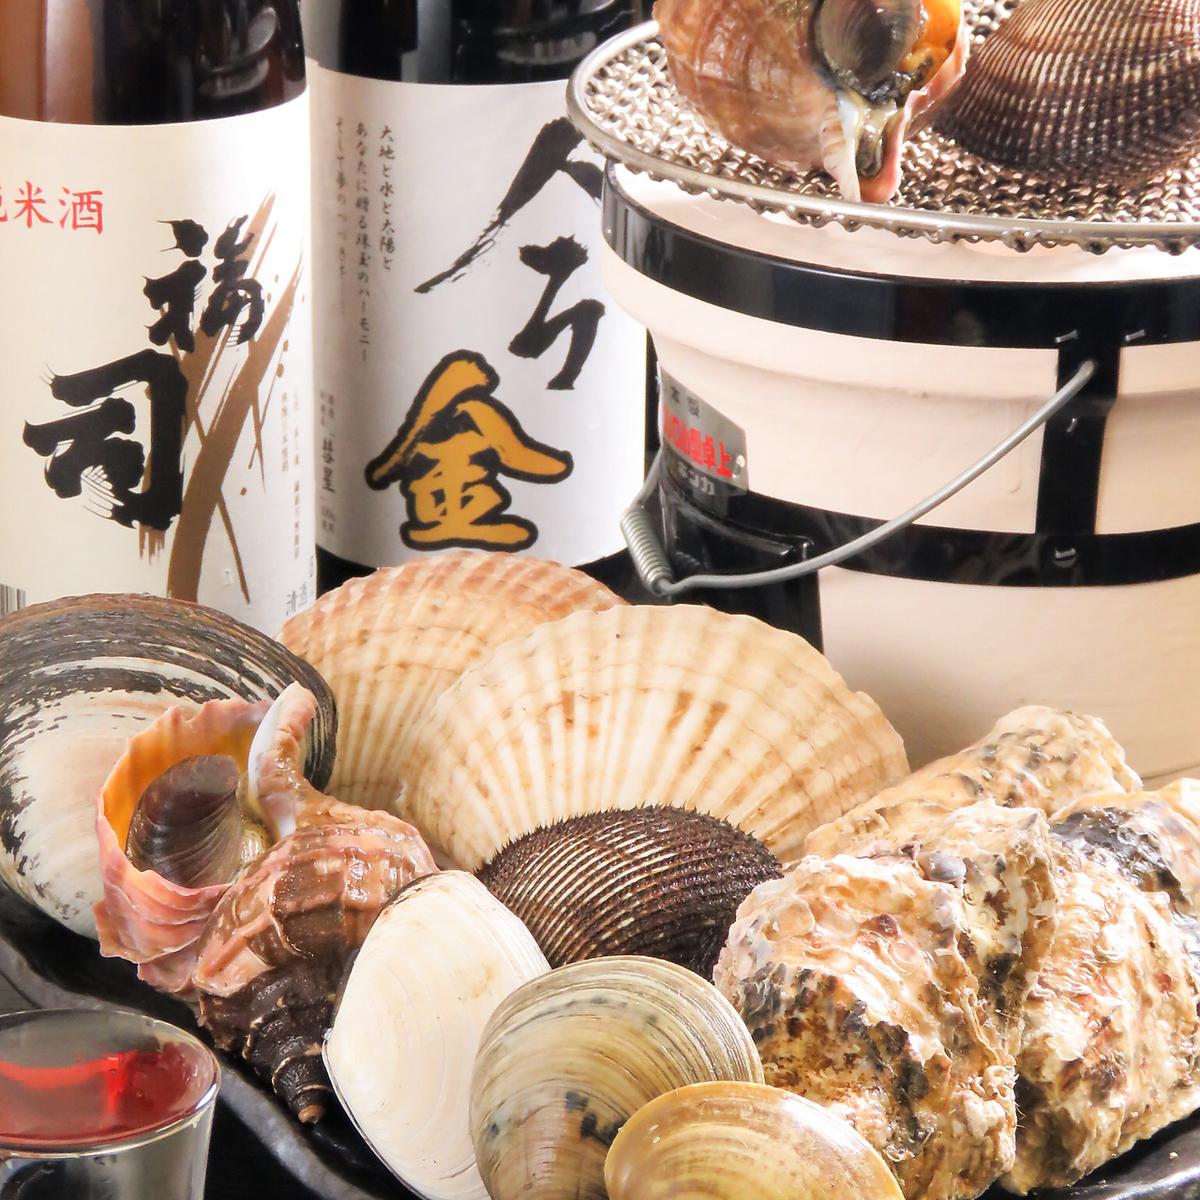 幸运的是,享用Taichi当天提供的新鲜海鲜!